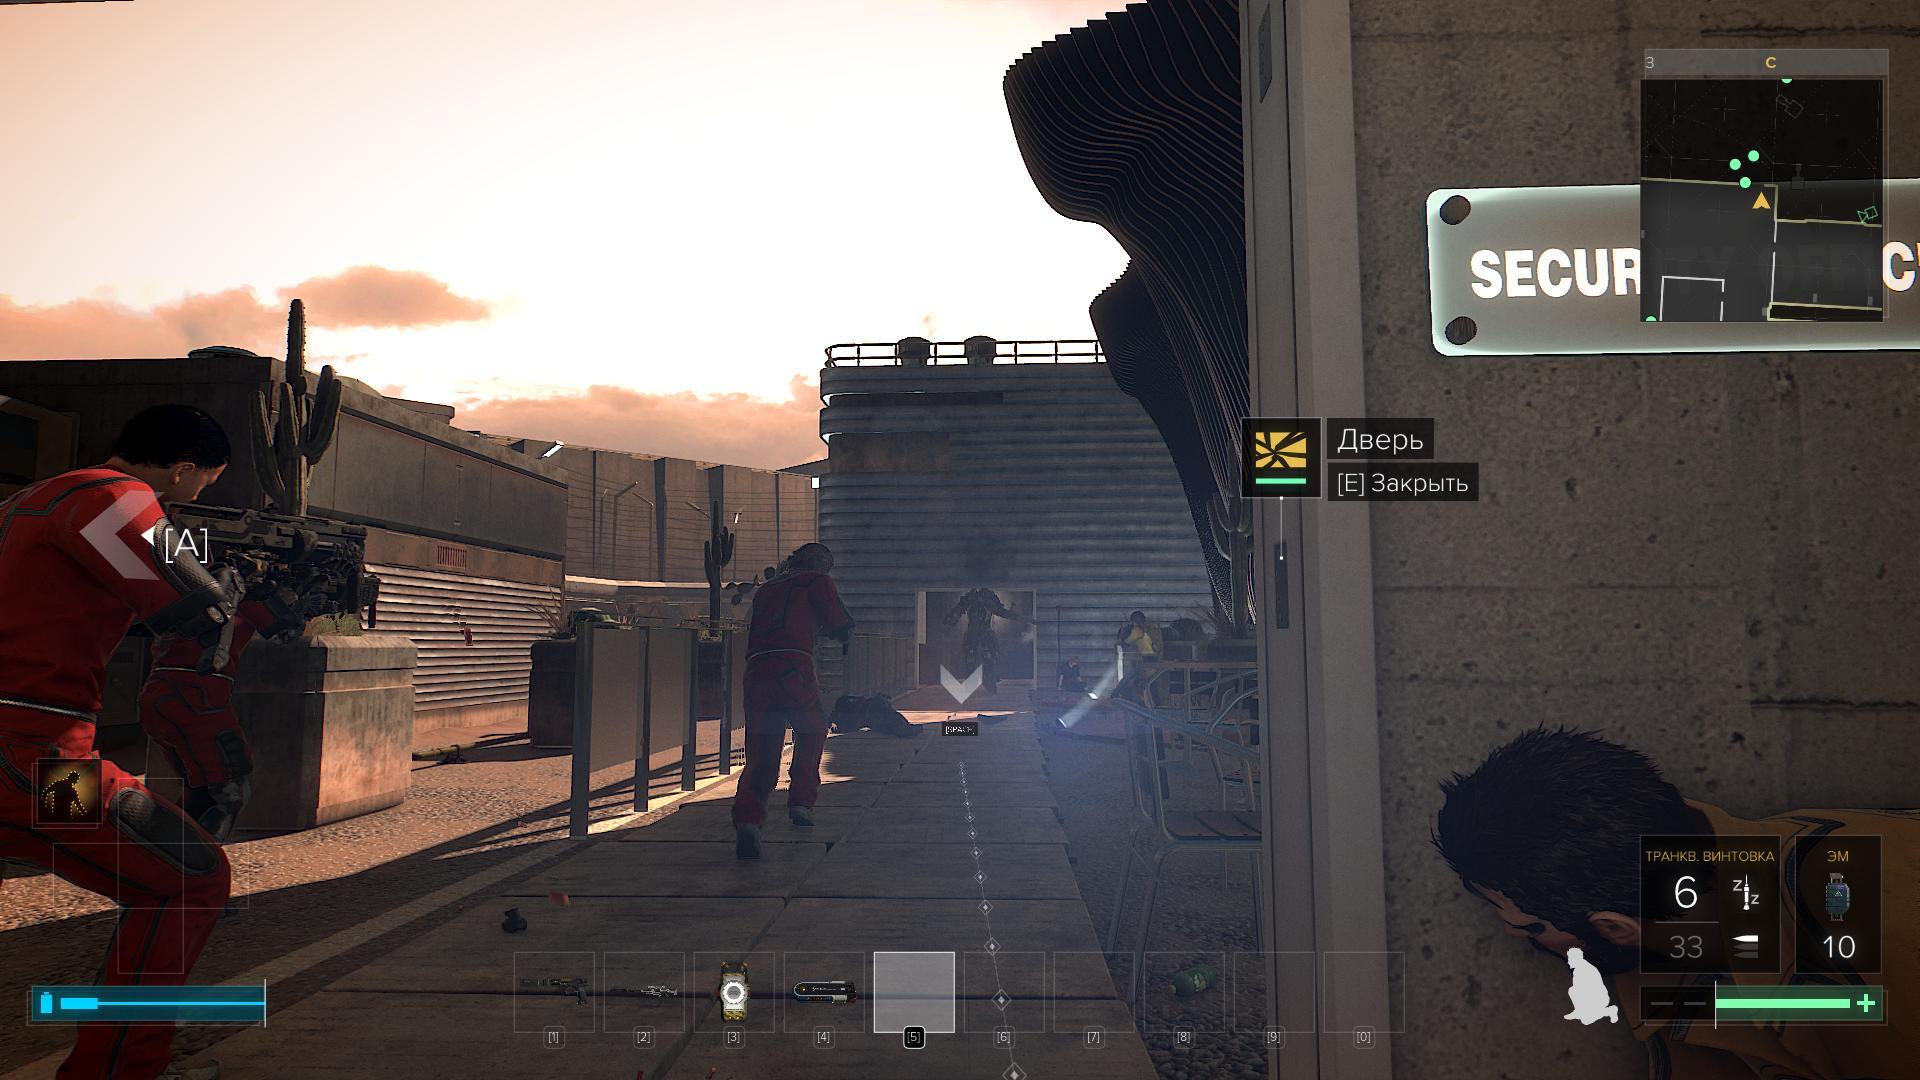 000415.Jpg - Deus Ex: Mankind Divided